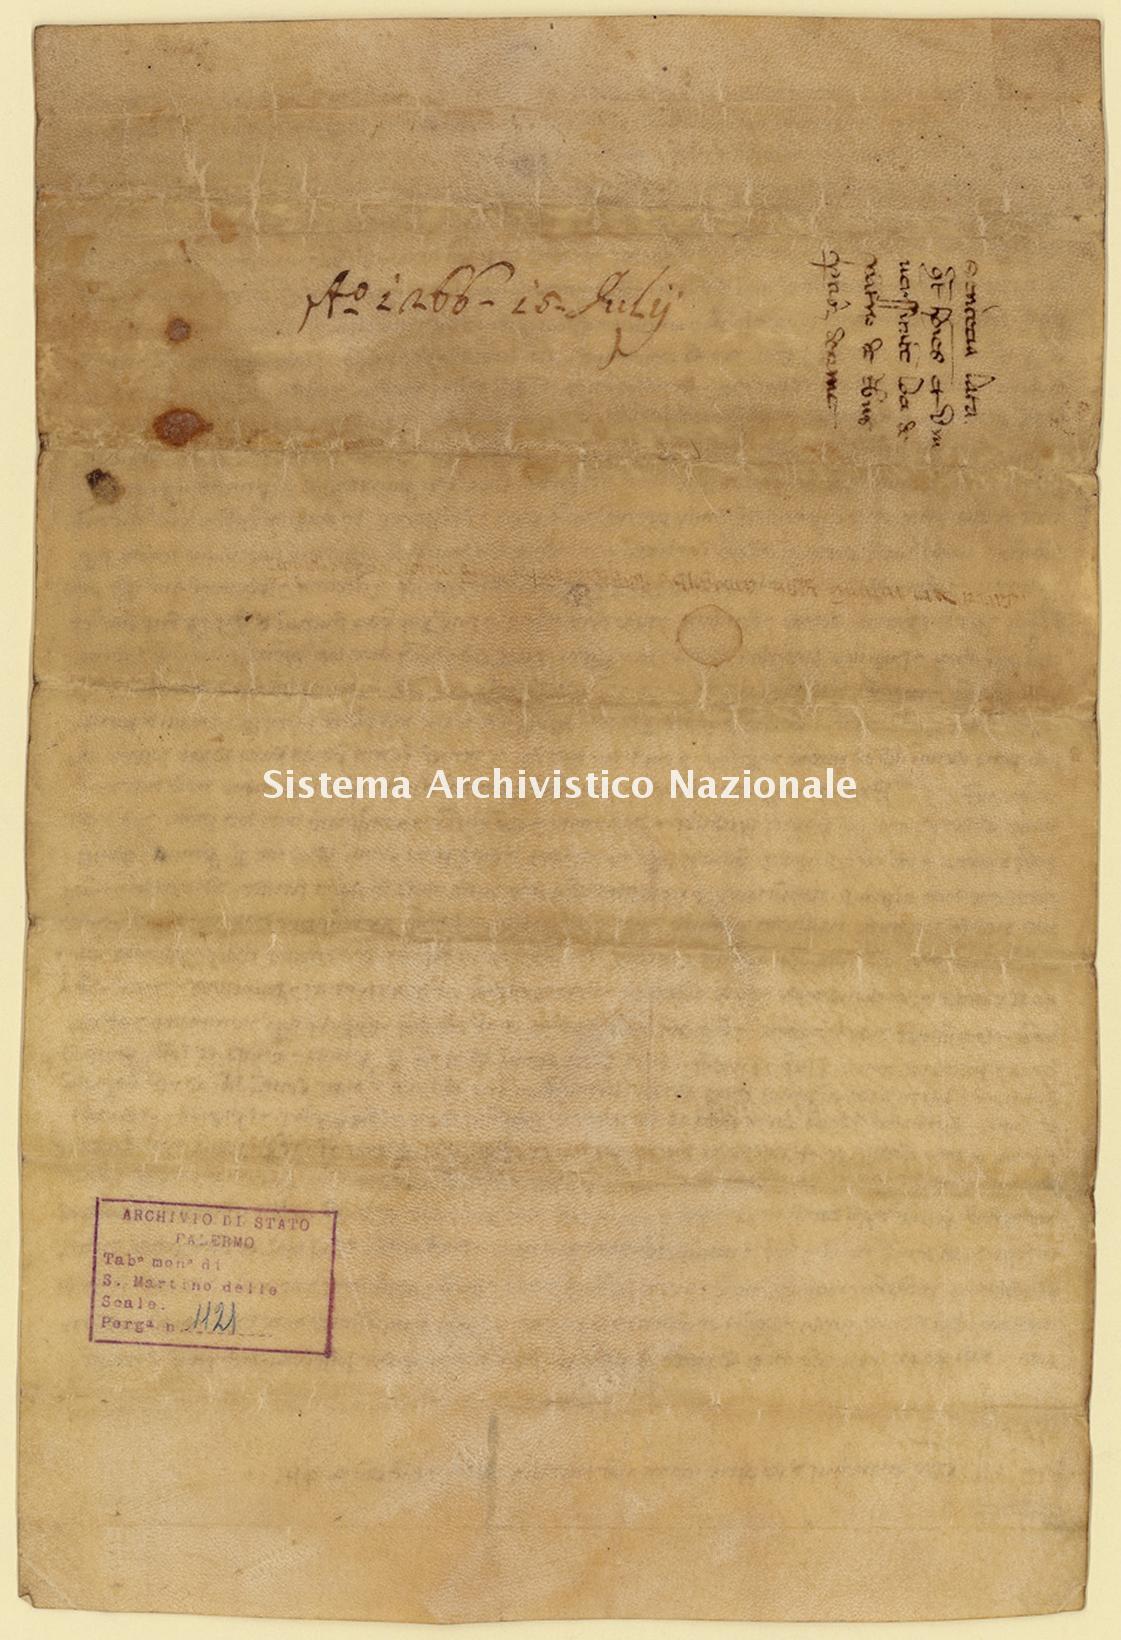 Archivio di Stato di Palermo, Diplomatico, Tabulario del monastero di San Martino delle Scale, Pergamena TSMS 1121